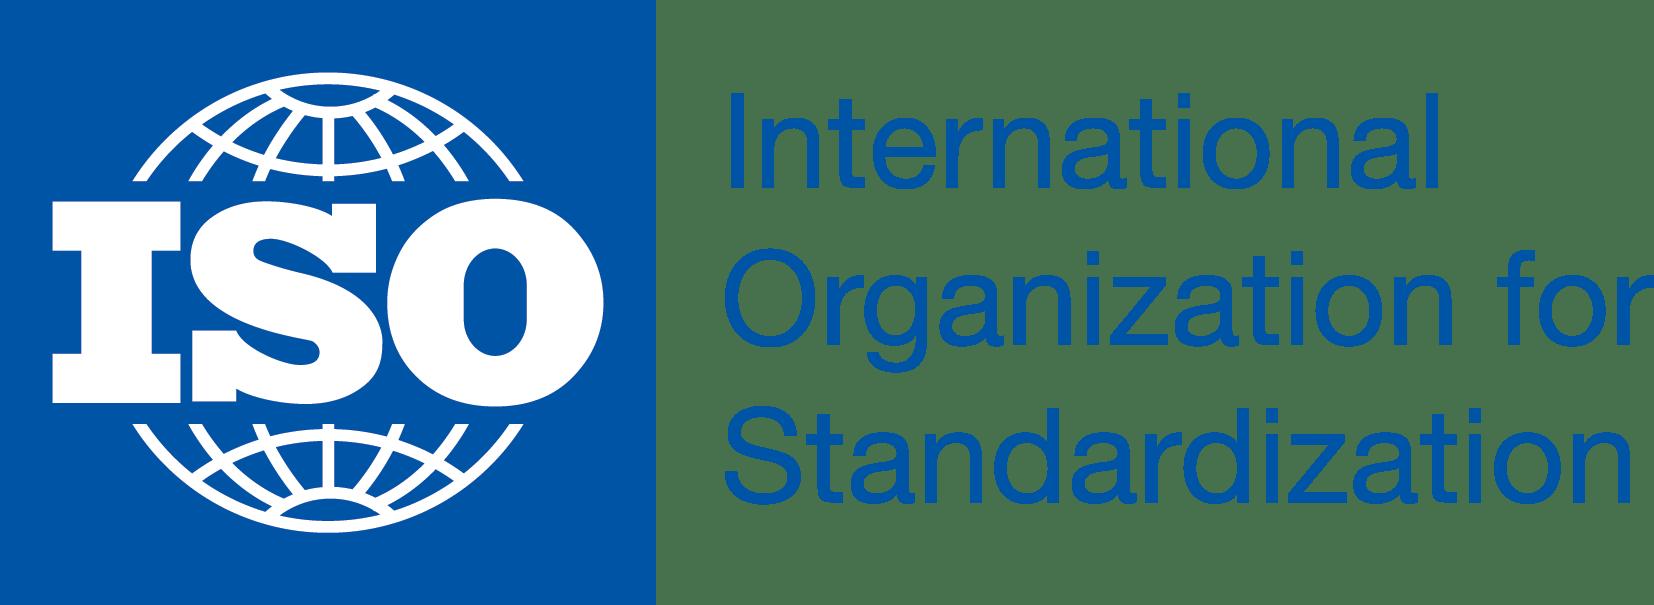 Standardization Of Rfid Technology Standardization Rfid Technology Page 2